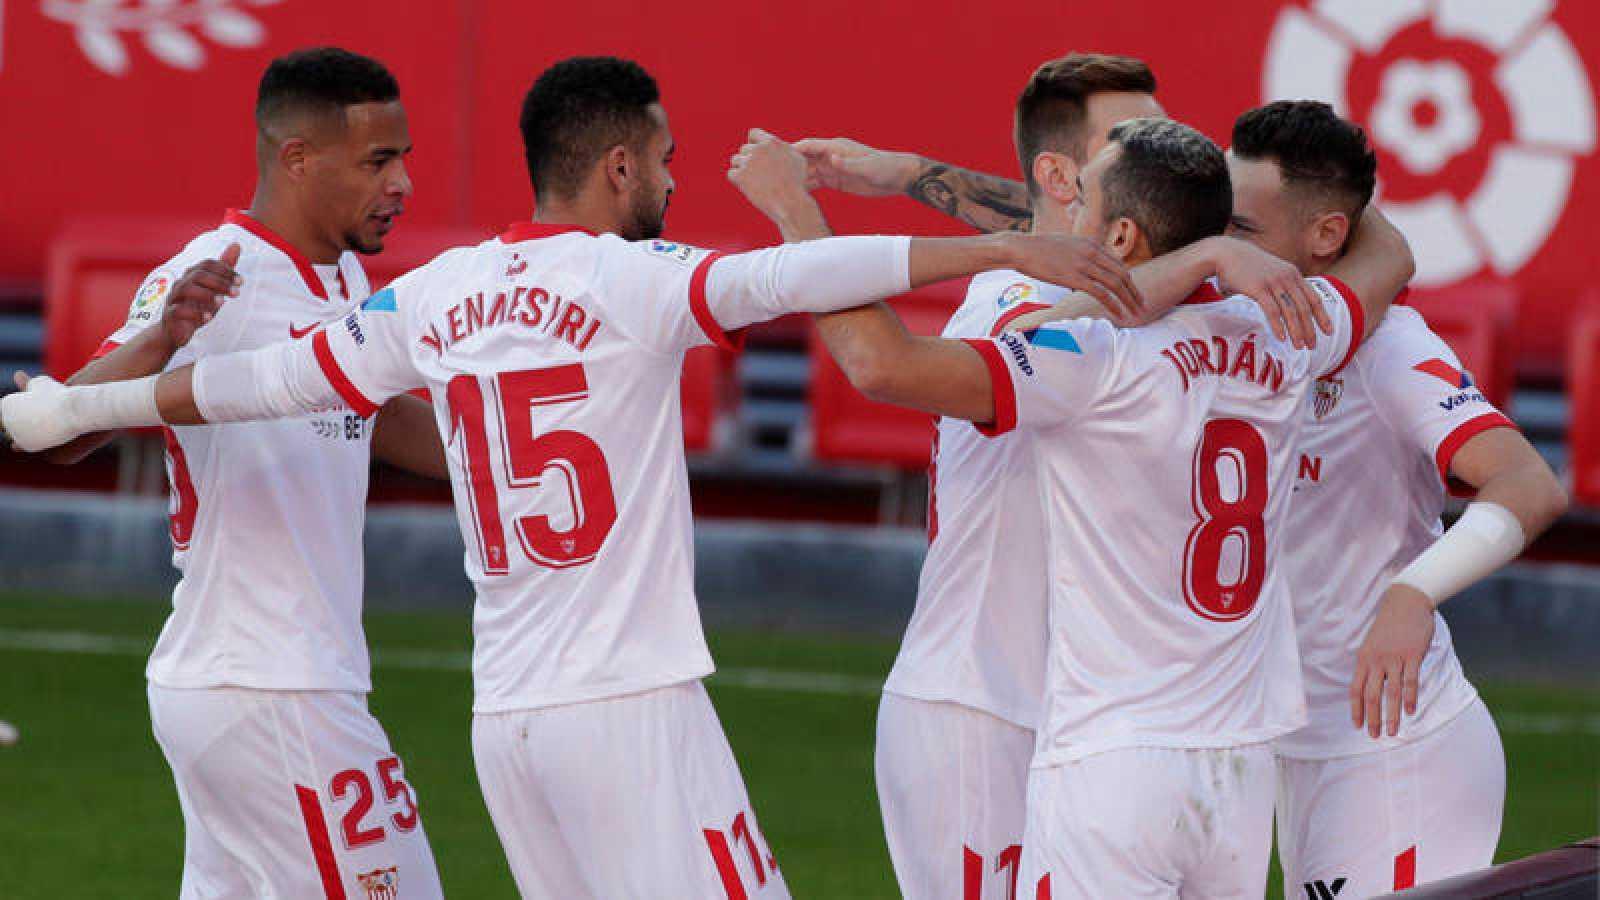 Los jugadores del Sevilla FC celebran uno de los goles al Villarreal